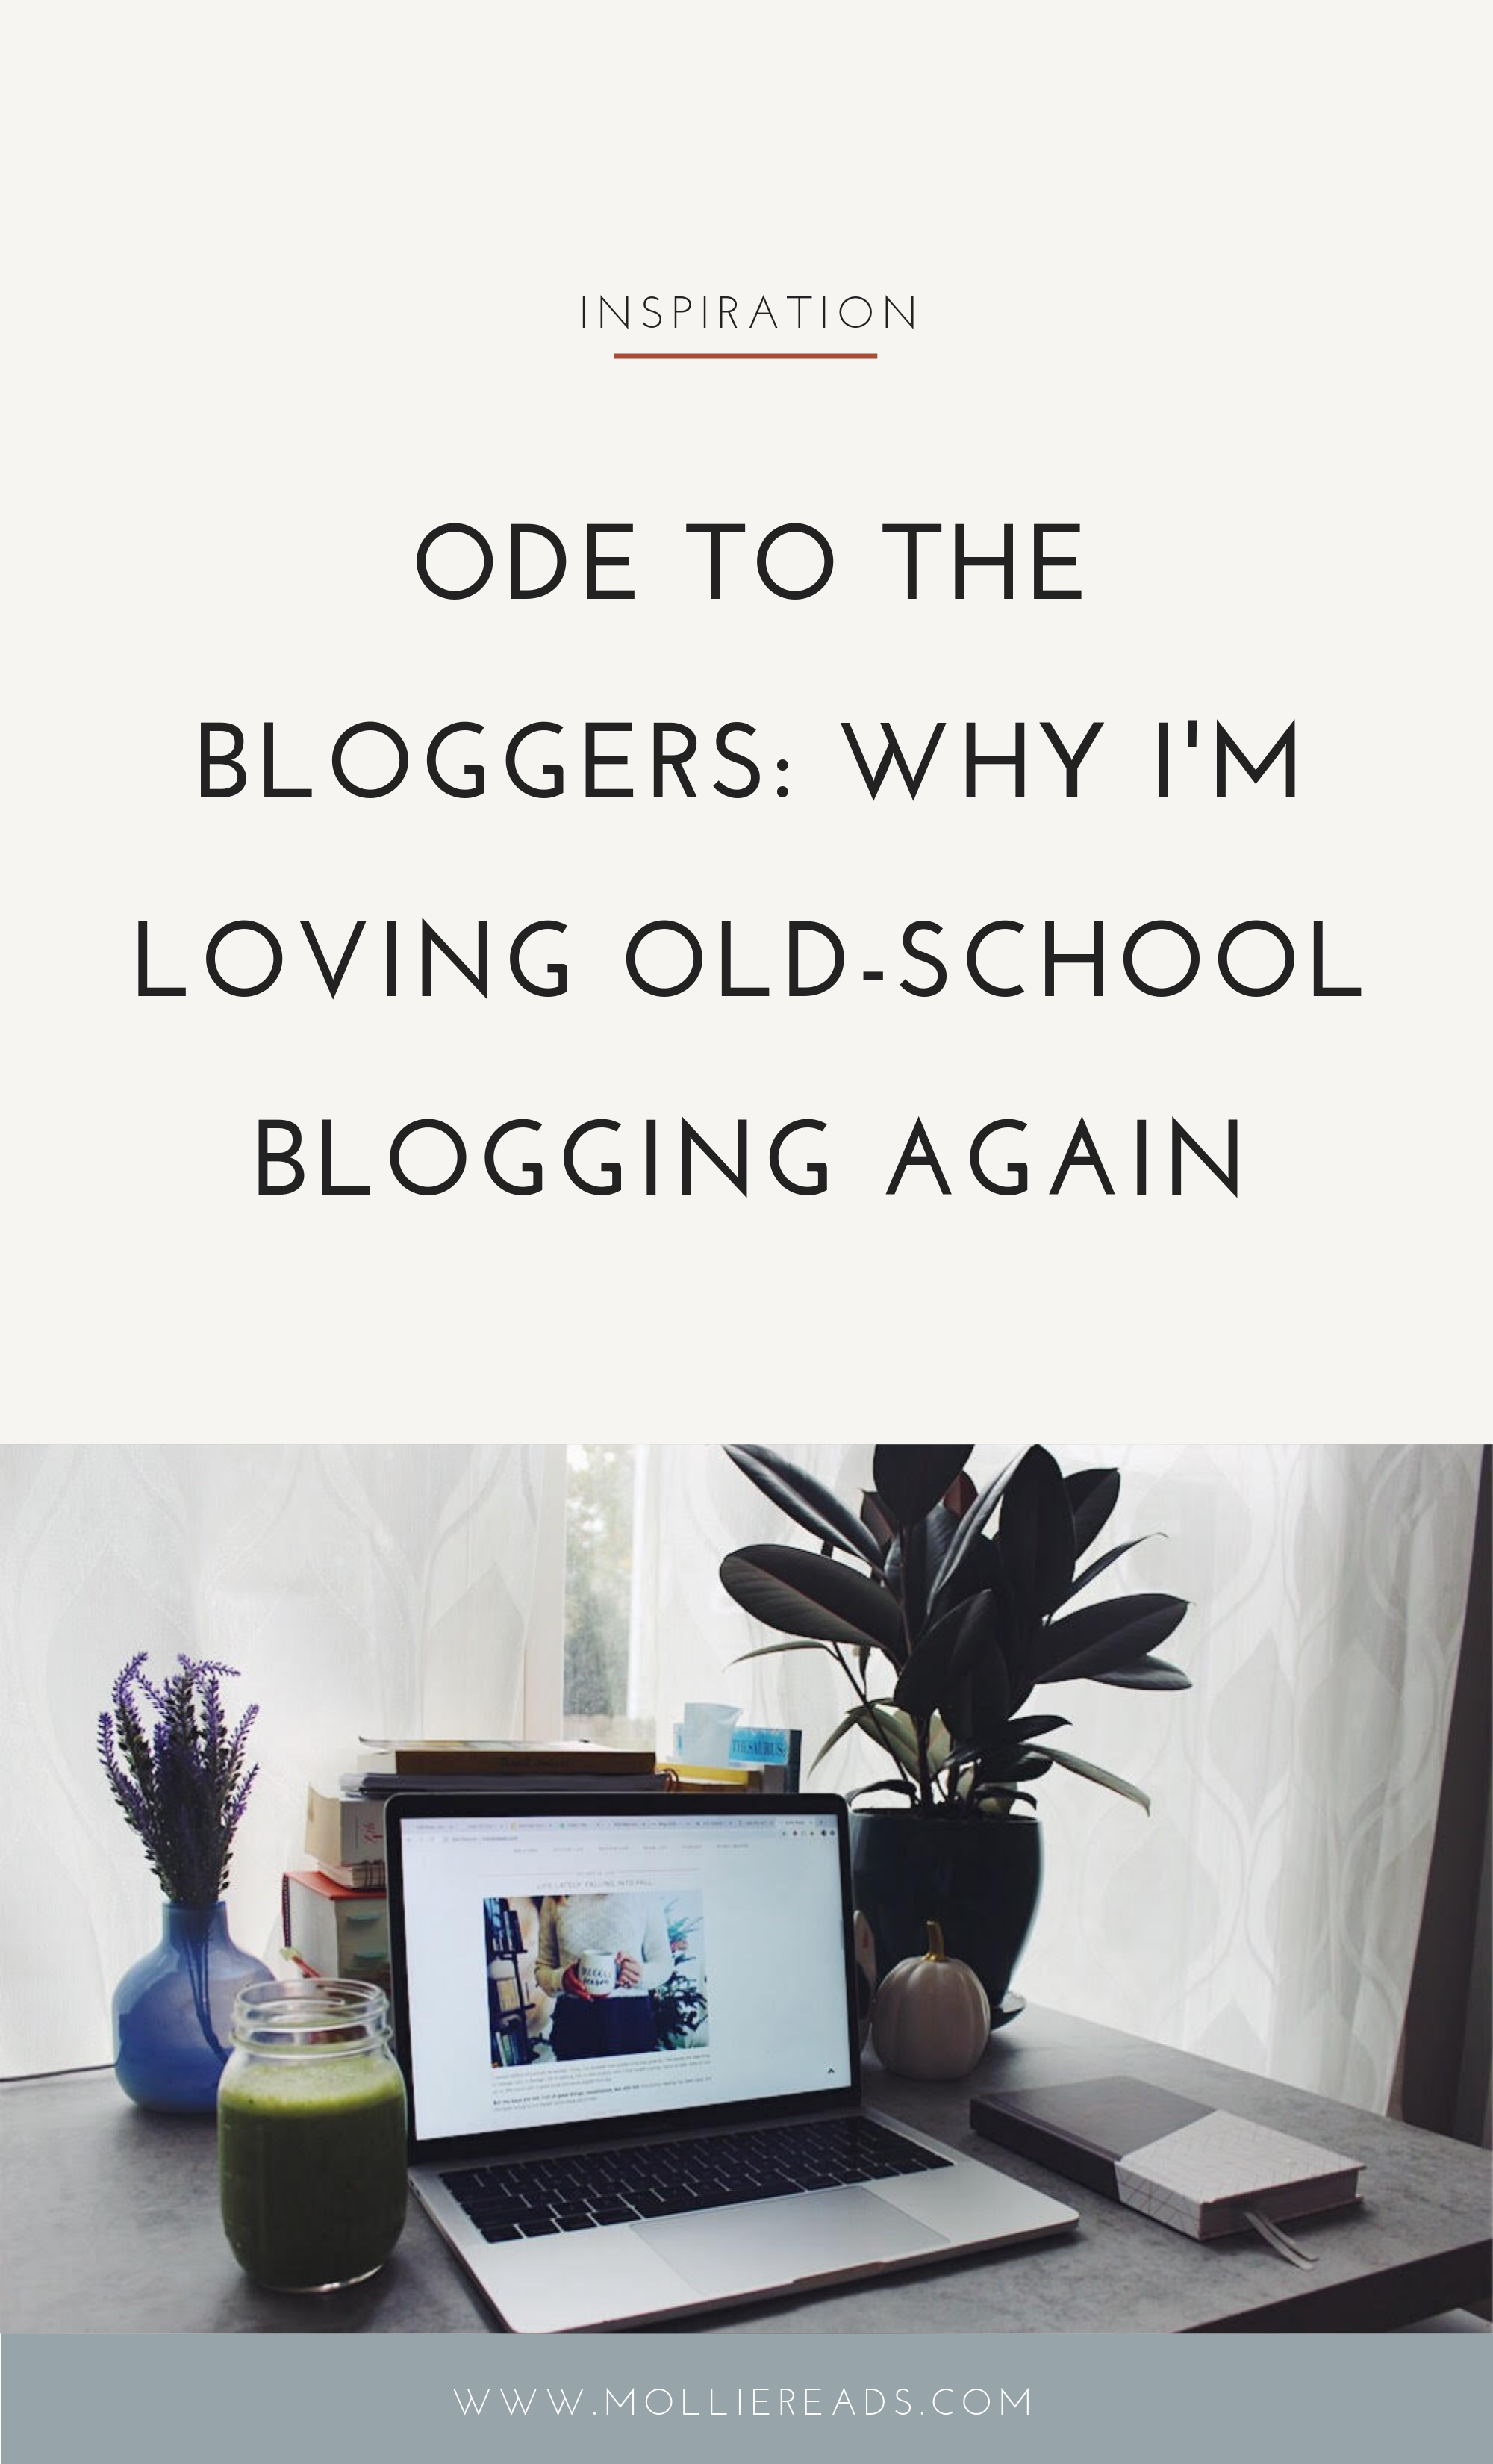 OdetotheBloggers.png